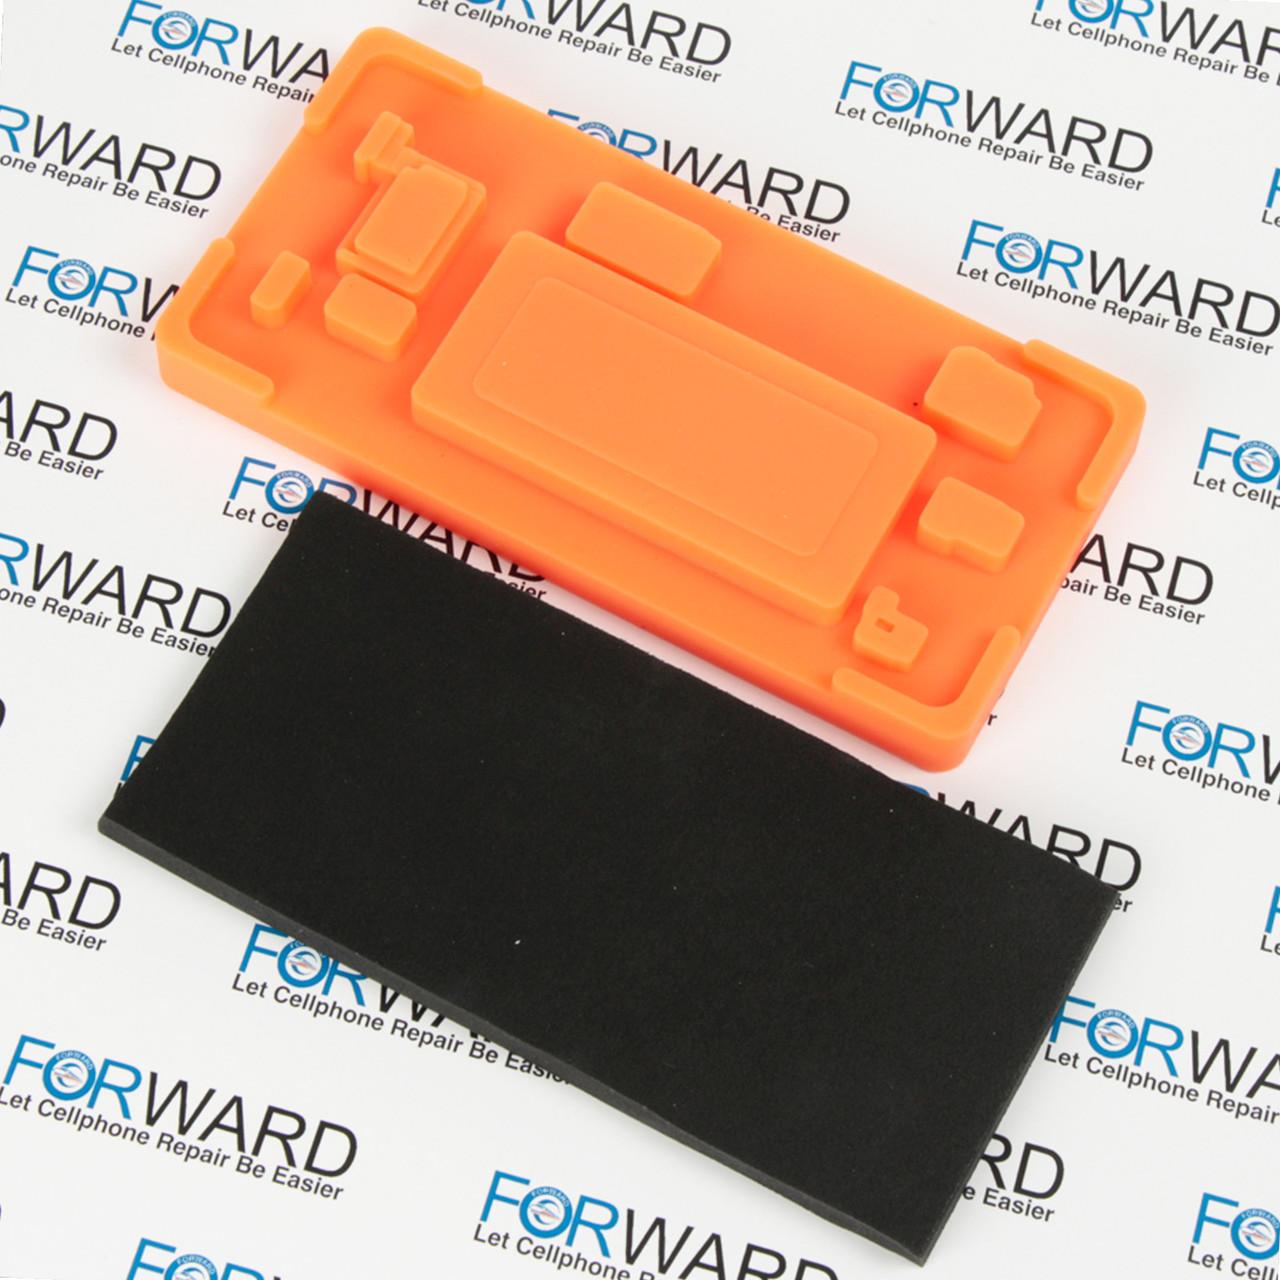 Формы для фиксации дисплея Samsung Galaxy S8, G950F (Edge) силикон и пористая резина